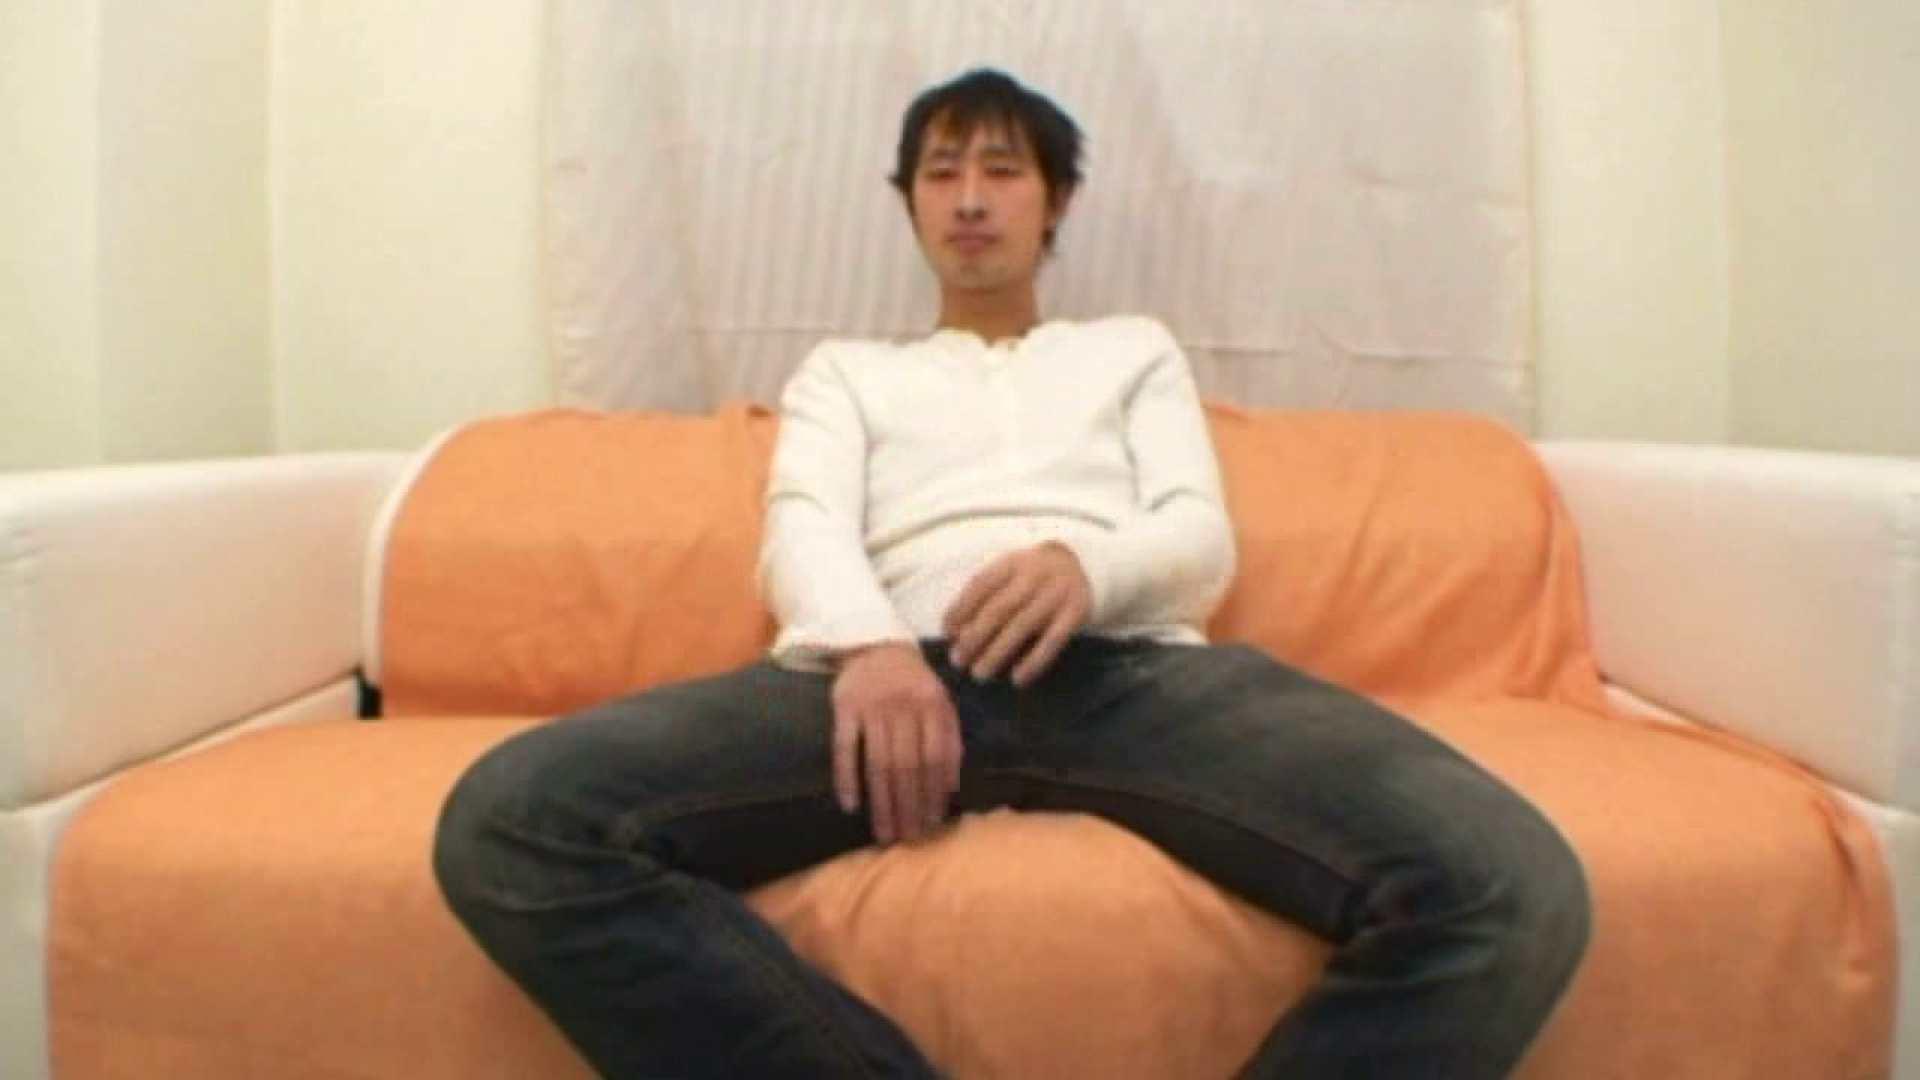 イケメンズエステティック倶楽部Case.02 イケメン ケツマンスケベ画像 99枚 74